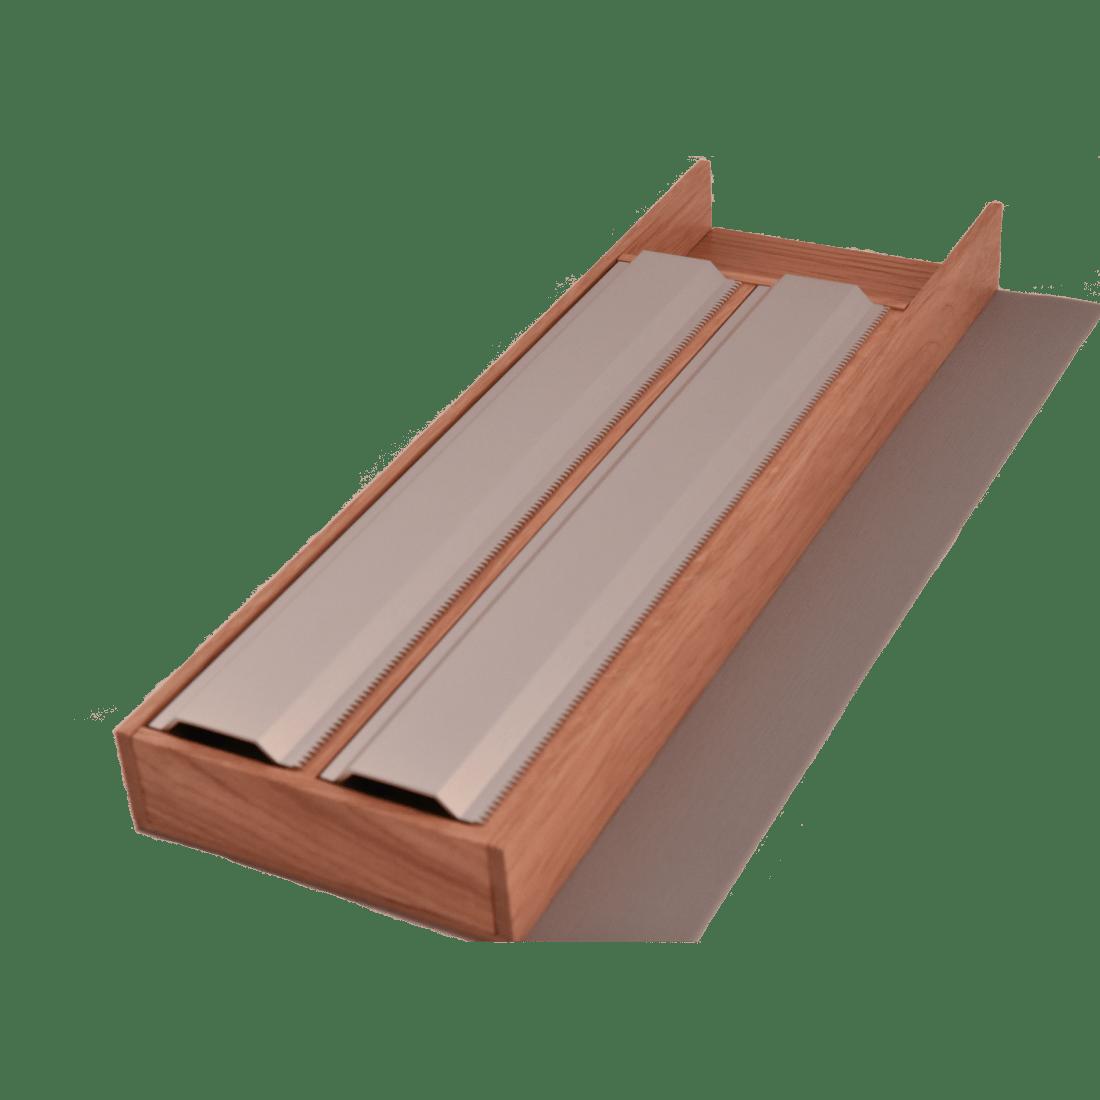 derouleur a papier aluminium ou film alimentaire l box 30 4 arteco cuisines